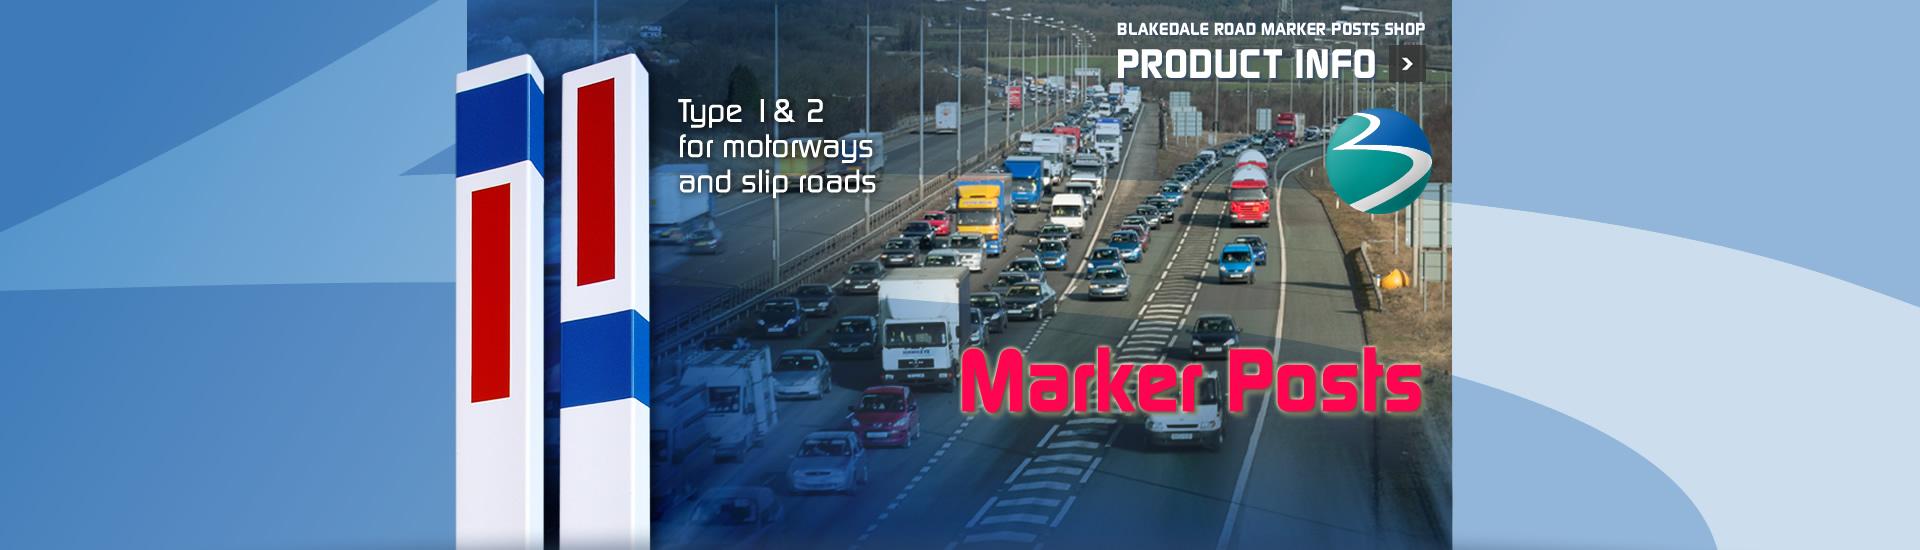 S-2-motorway-marker-posts-Type-1-2